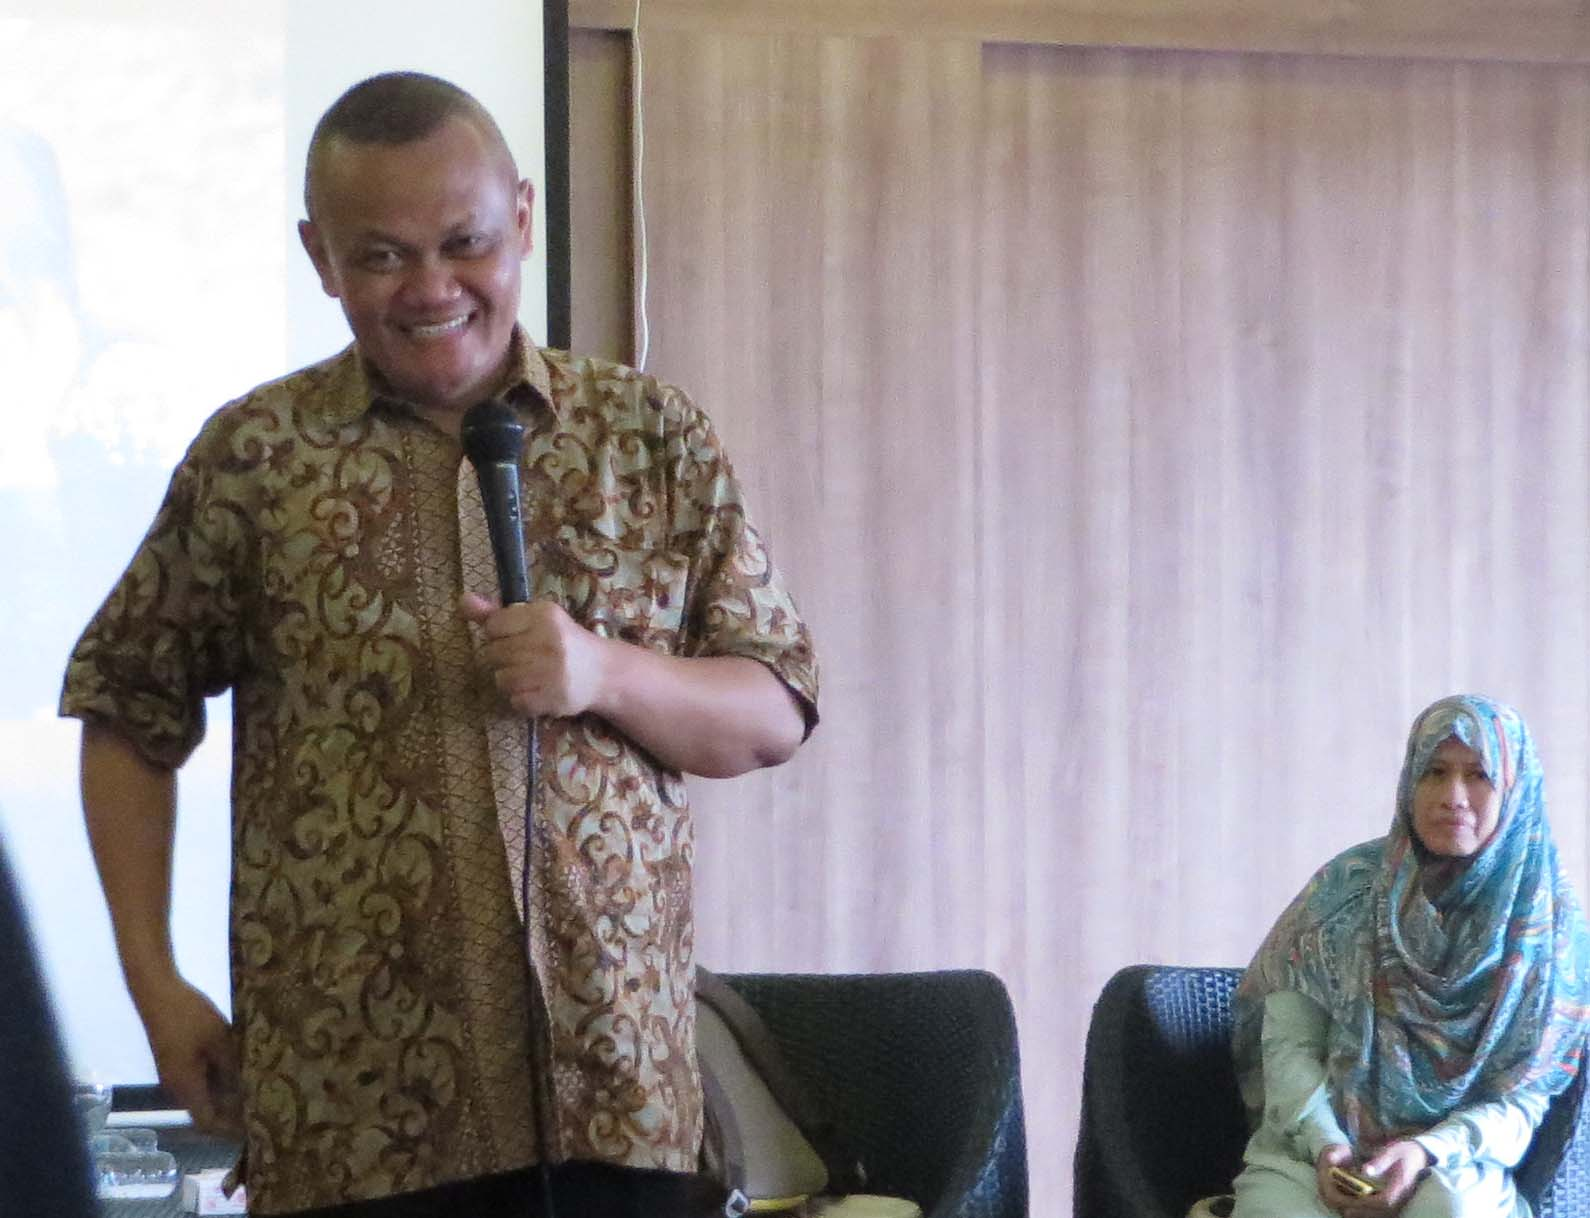 Kasus Kdrt D Indonesia Selamat Datang Di Masalah Perceraian Dari Seminar Ini Saya Mendapat Banyak Pencerahan Kadang Kalo Lagi